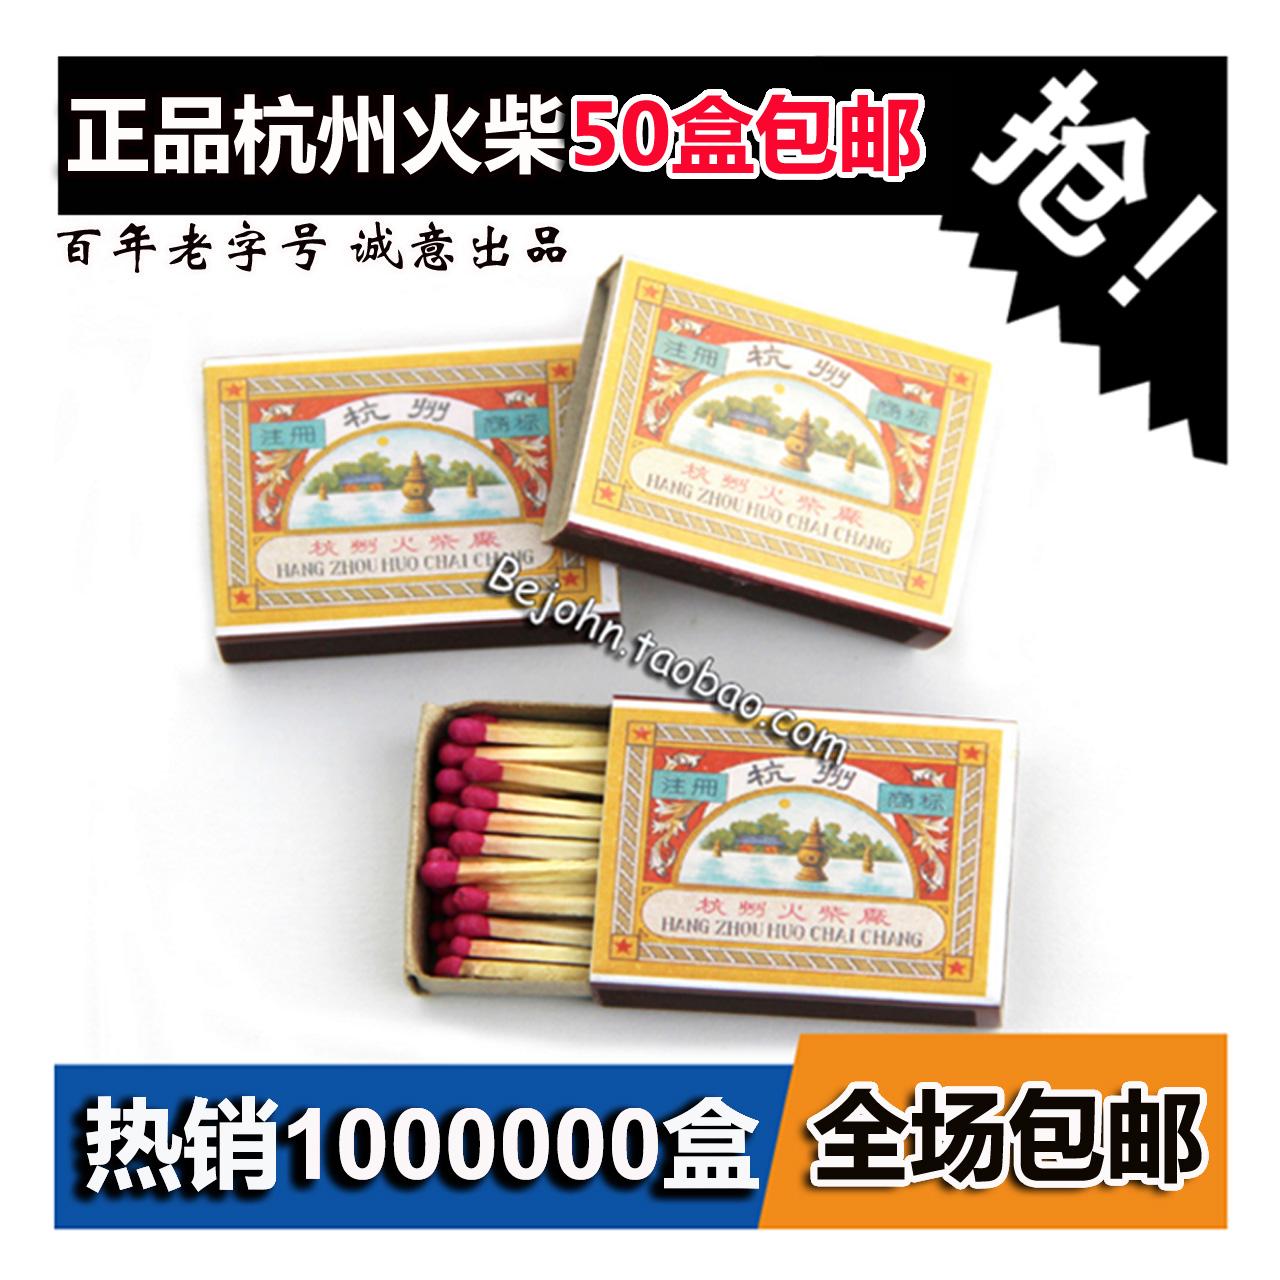 Ханчжоу спички небольшой пожар лесоматериалы оптовая торговля генерал сбор винограда зажигалка инструмент снег баклажан личность иностранных пожар на открытом воздухе искусство творческий ретро